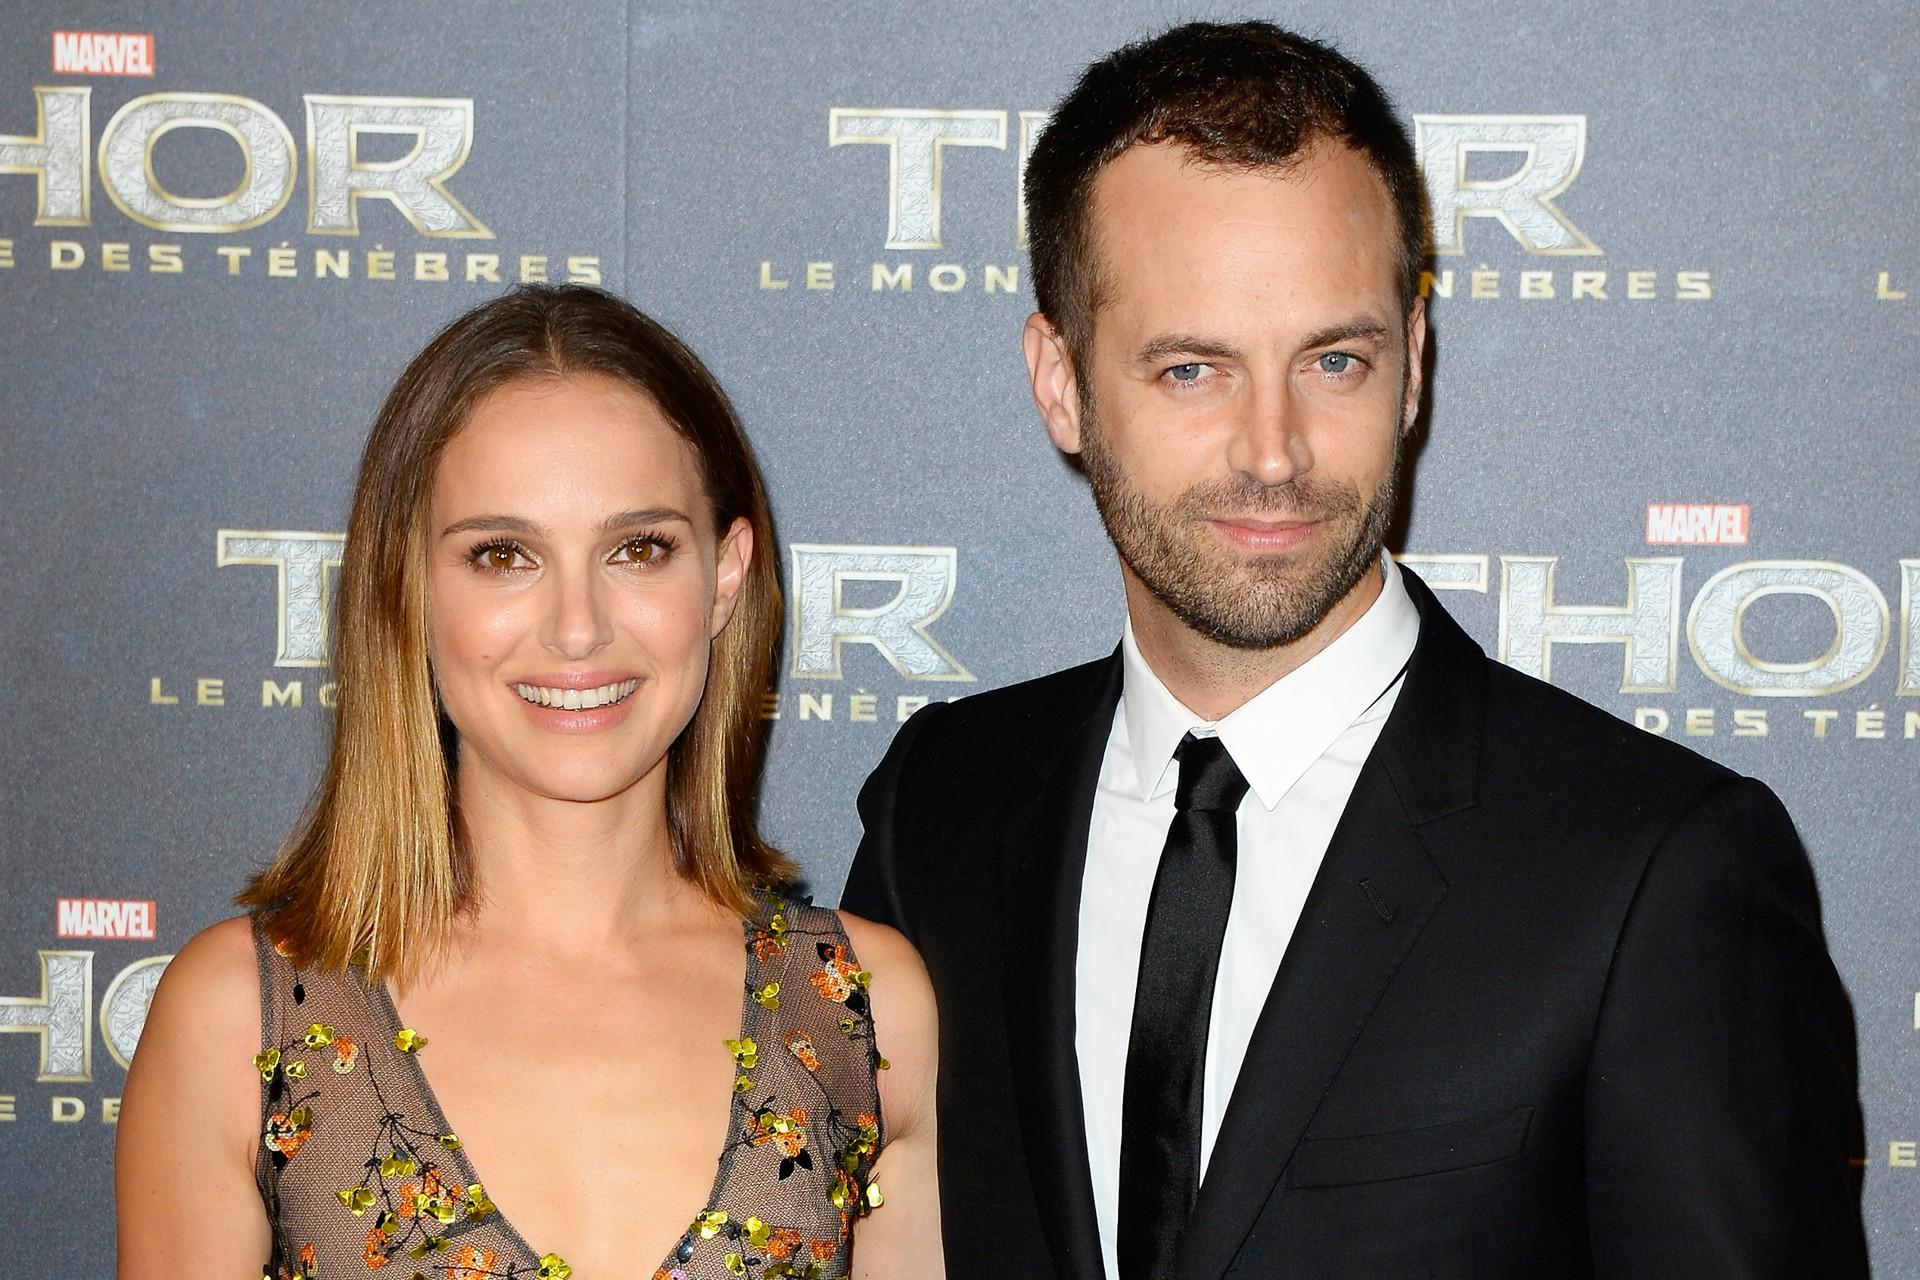 Natalie Portman e o marido, Benjamin Millepied, em outubro de 2013. (Foto: Getty Images)